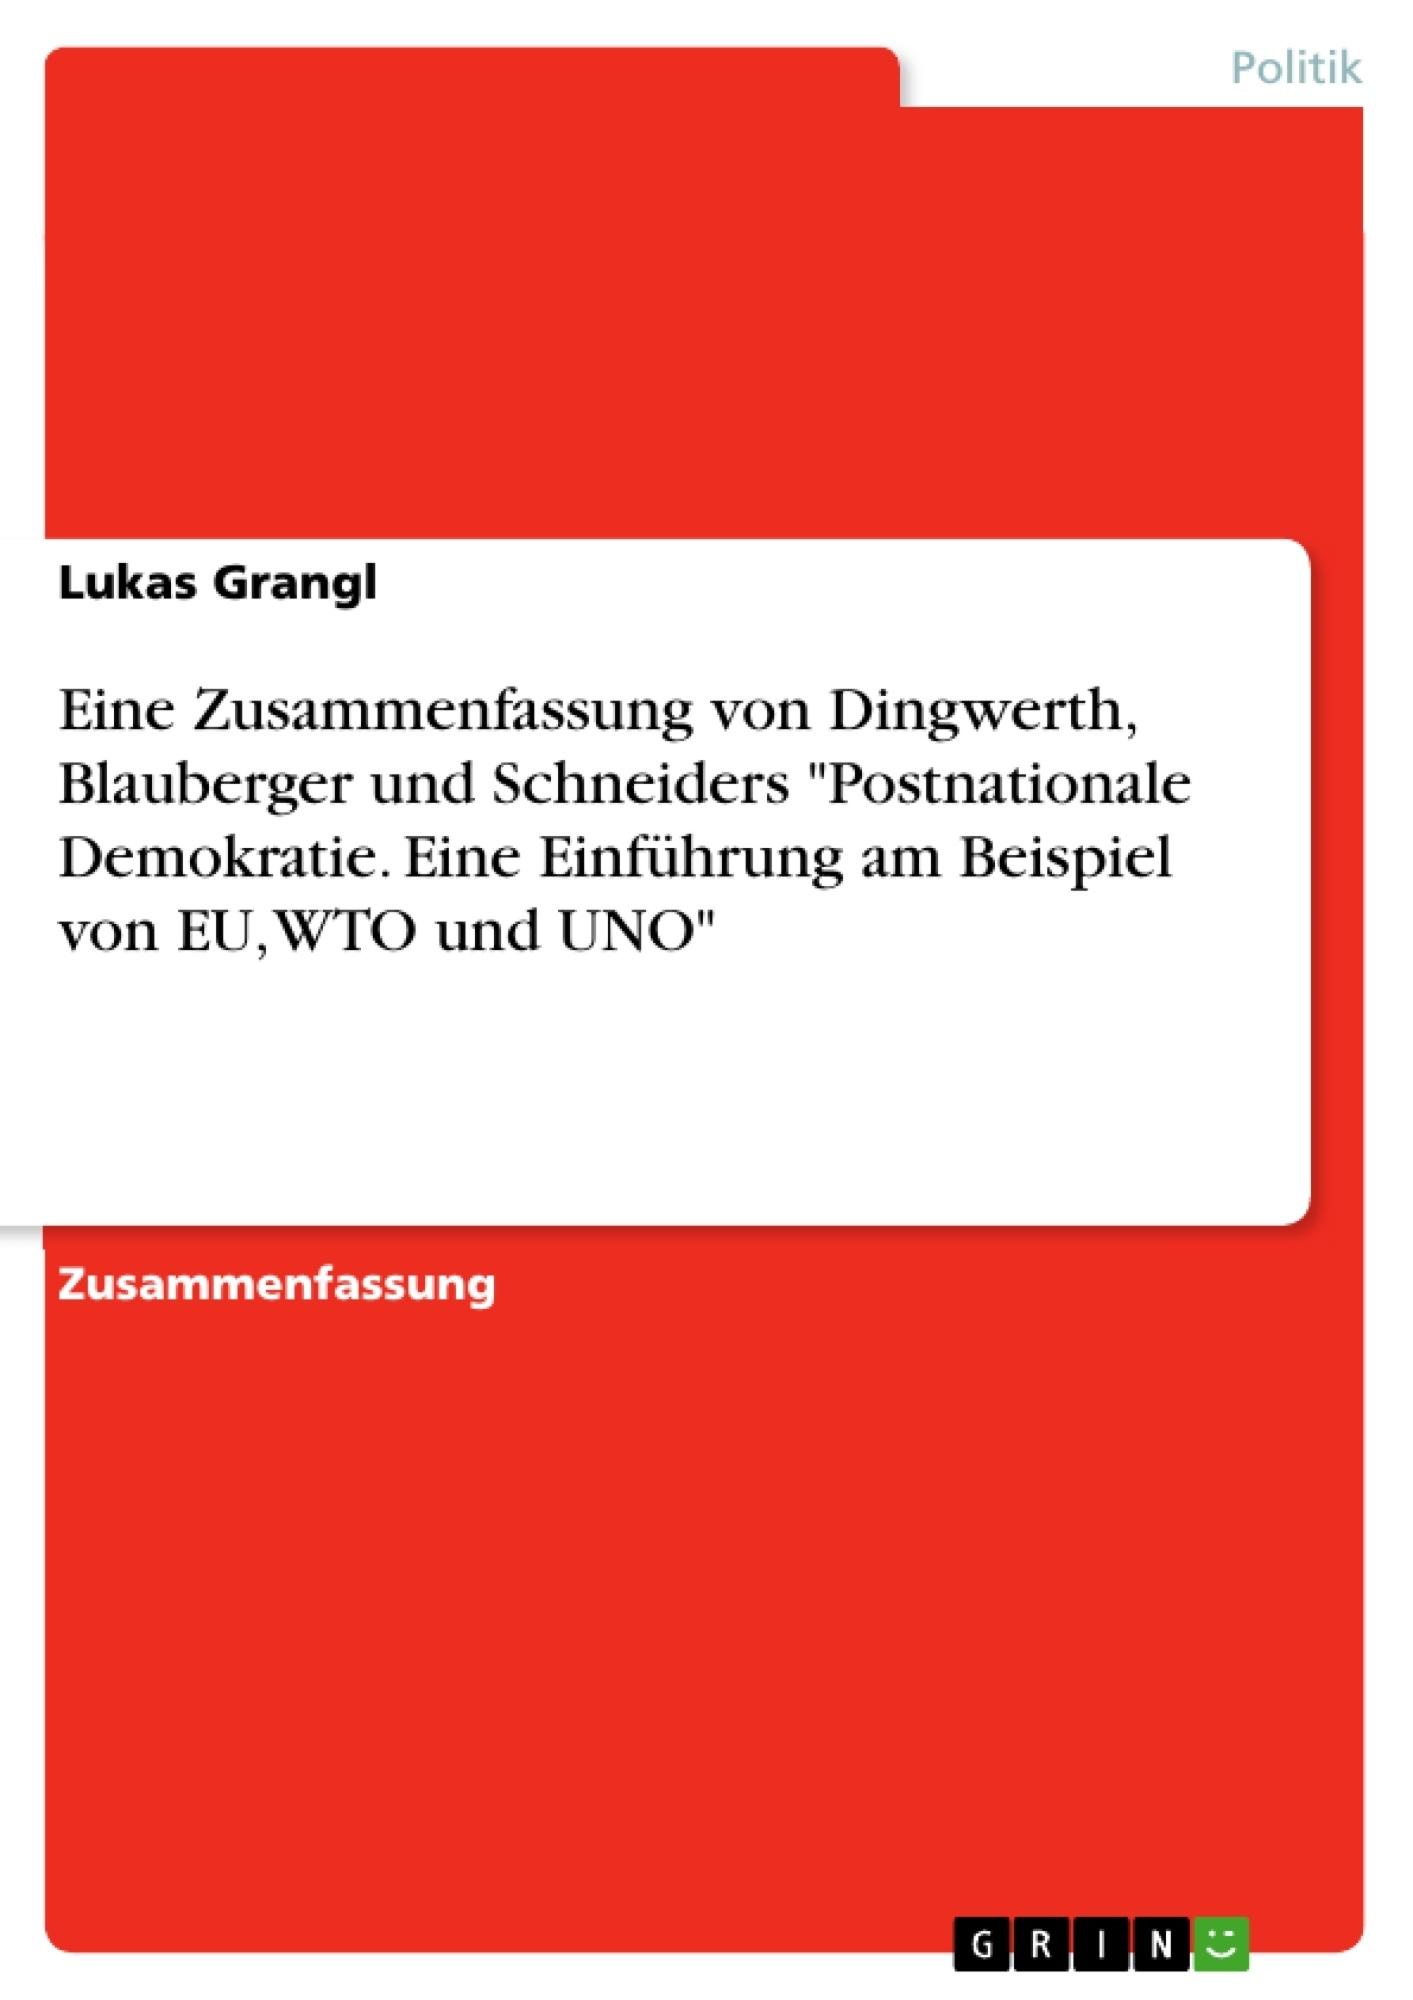 """Titel: Eine Zusammenfassung von Dingwerth, Blauberger und Schneiders """"Postnationale Demokratie. Eine Einführung am Beispiel von EU, WTO und UNO"""""""